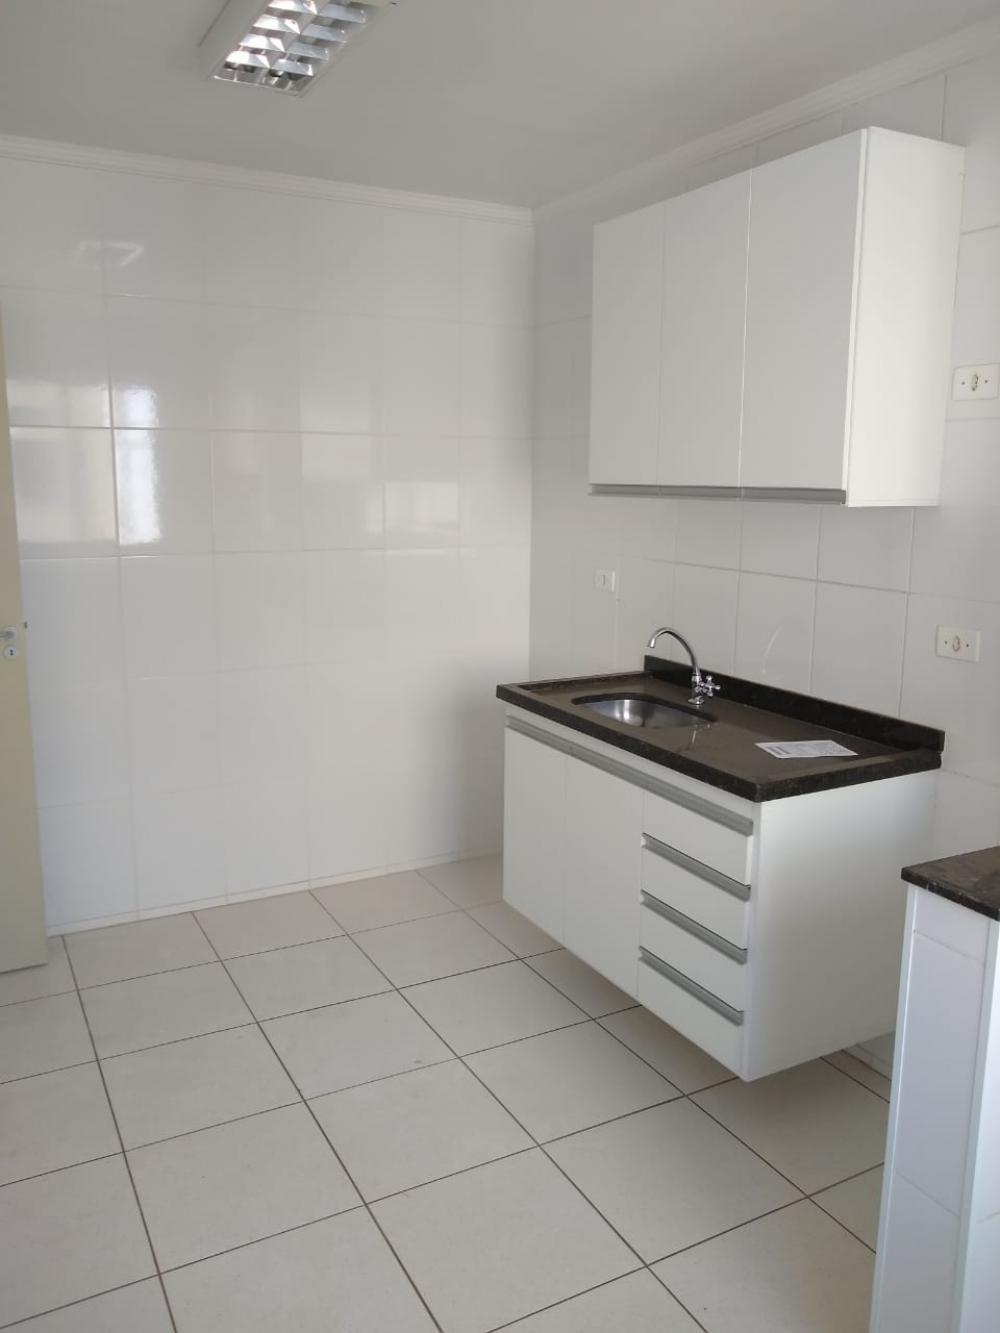 Excelente apartamento contendo 54 m²,  área de lazer, 1 vaga de garagem, sala, 2 dormitórios com armários, sala, cozinha e banheiro. Estuda financiamento e FGTS.